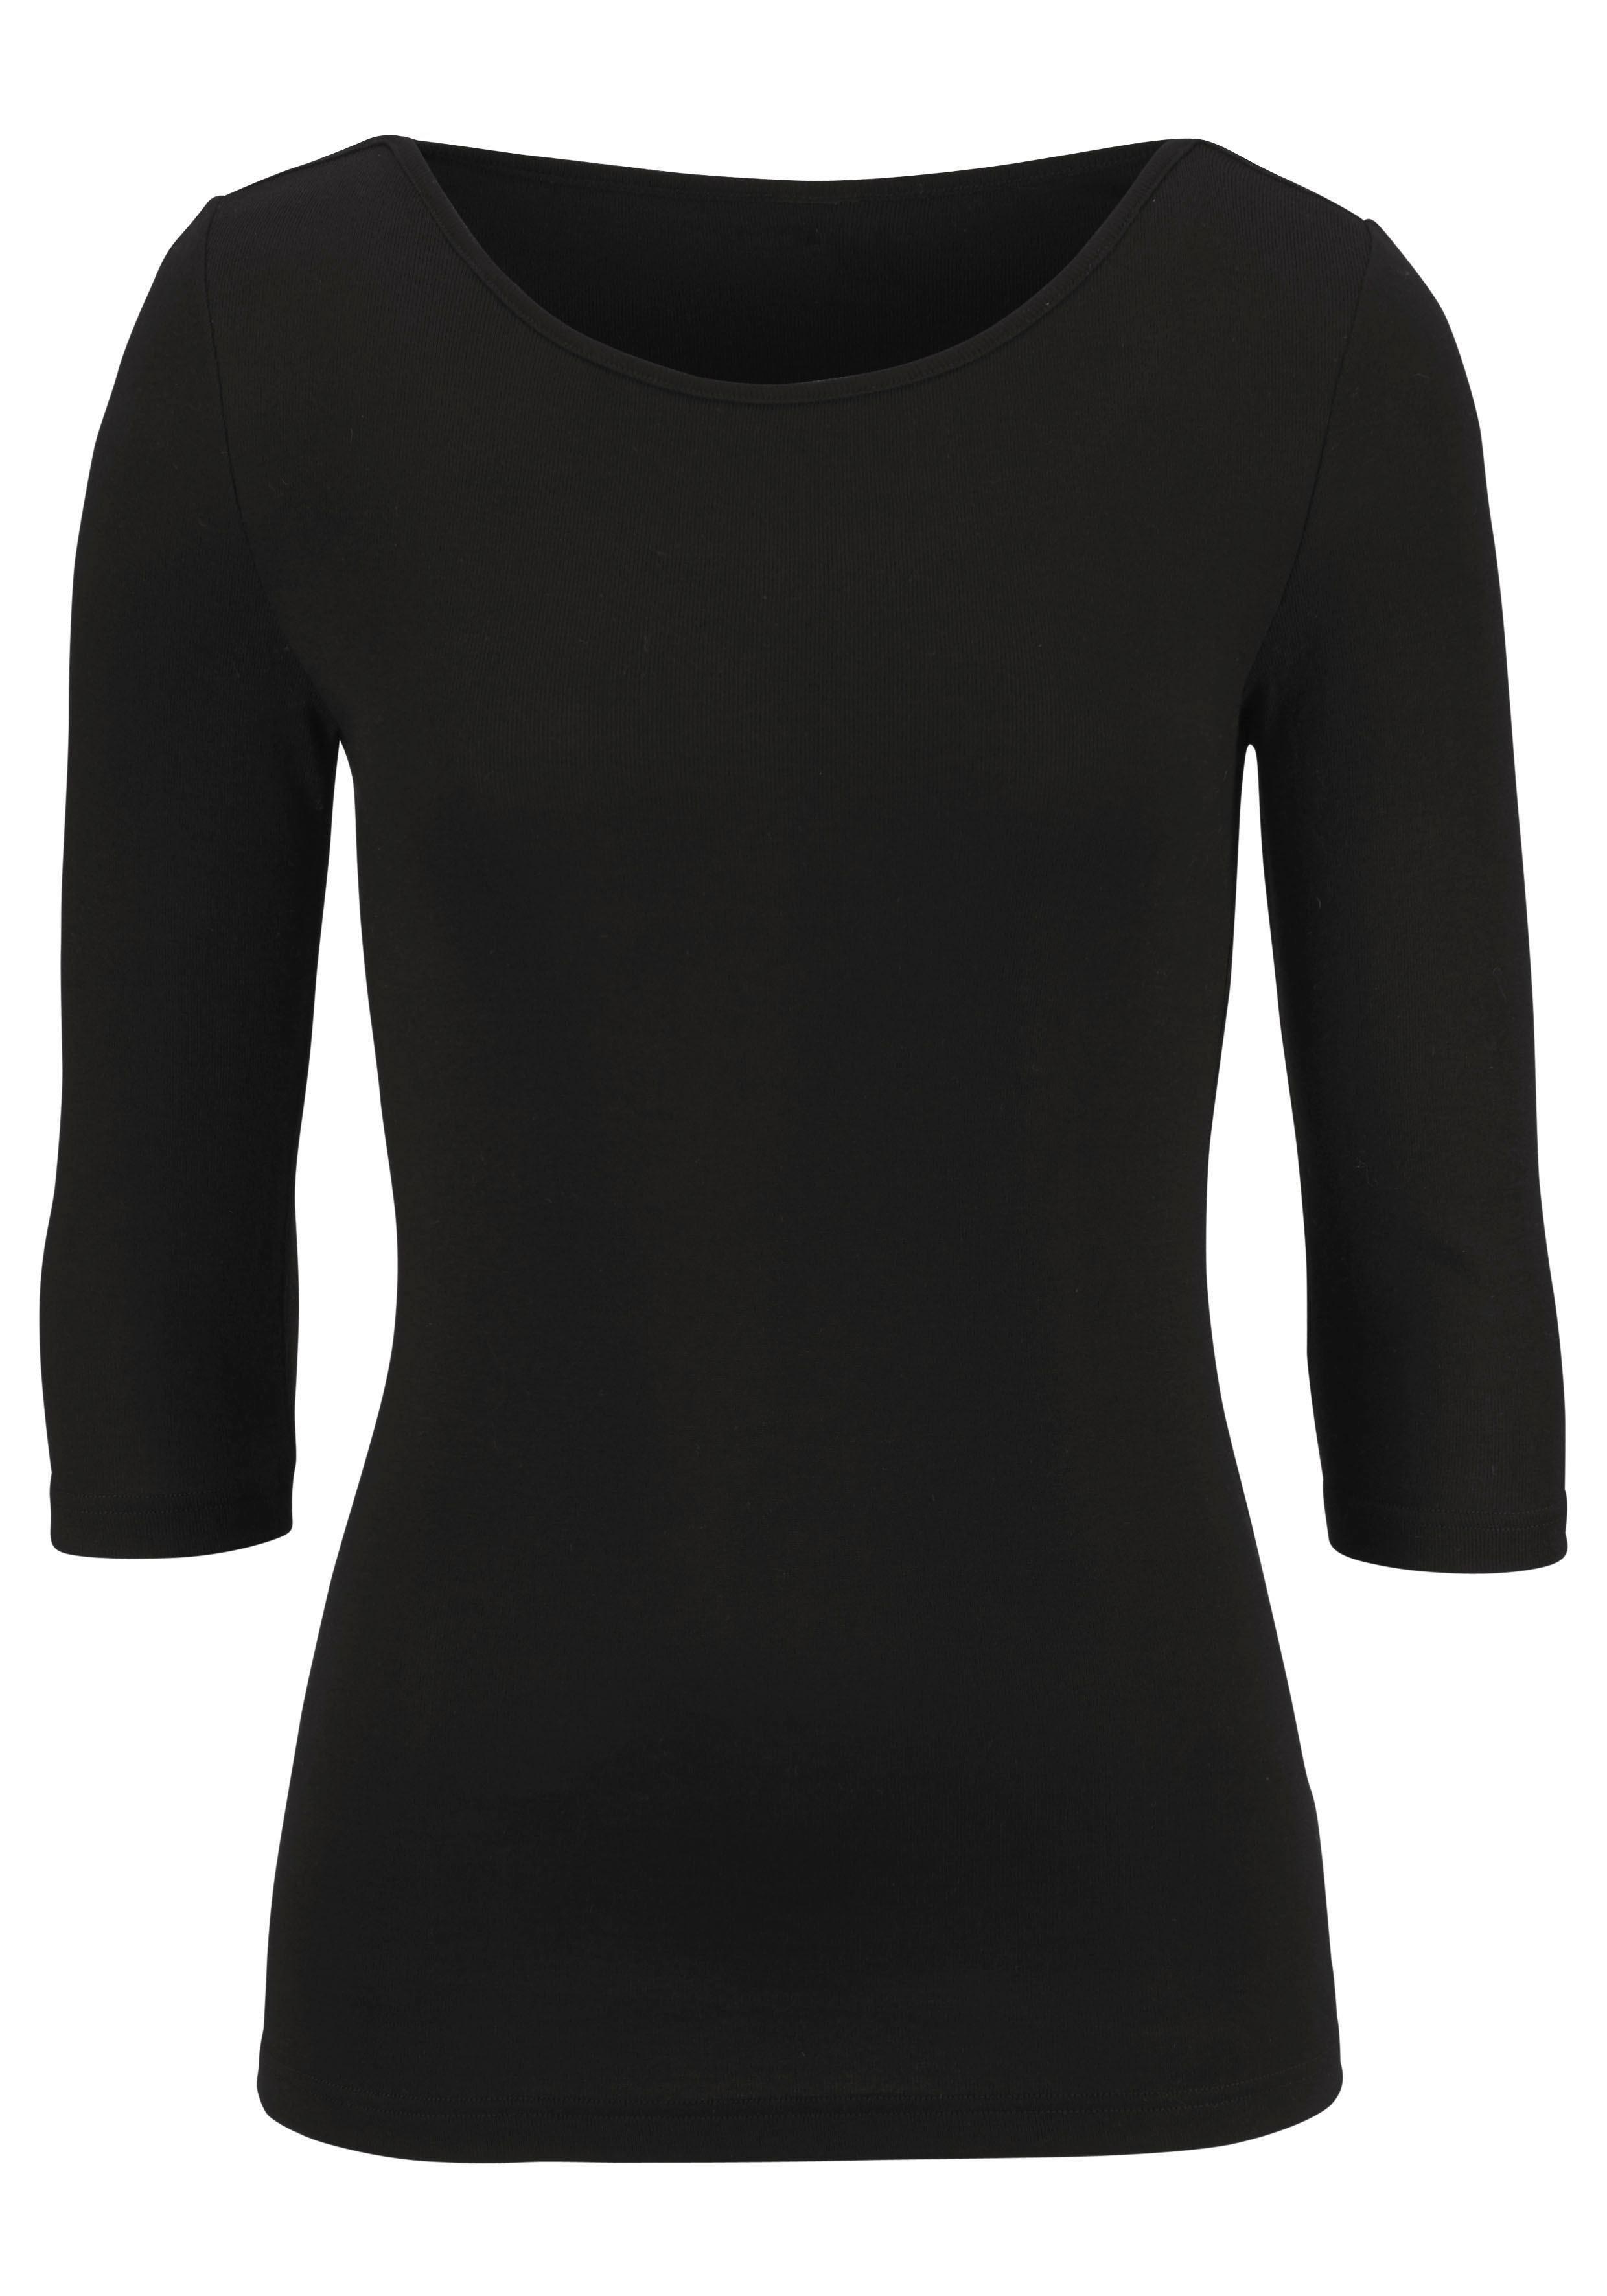 In 2Zacht Fijnrib Shirt Met Driekwartmouwenset Van Online Lascana materiaal Winkel De pzMGjLSqUV